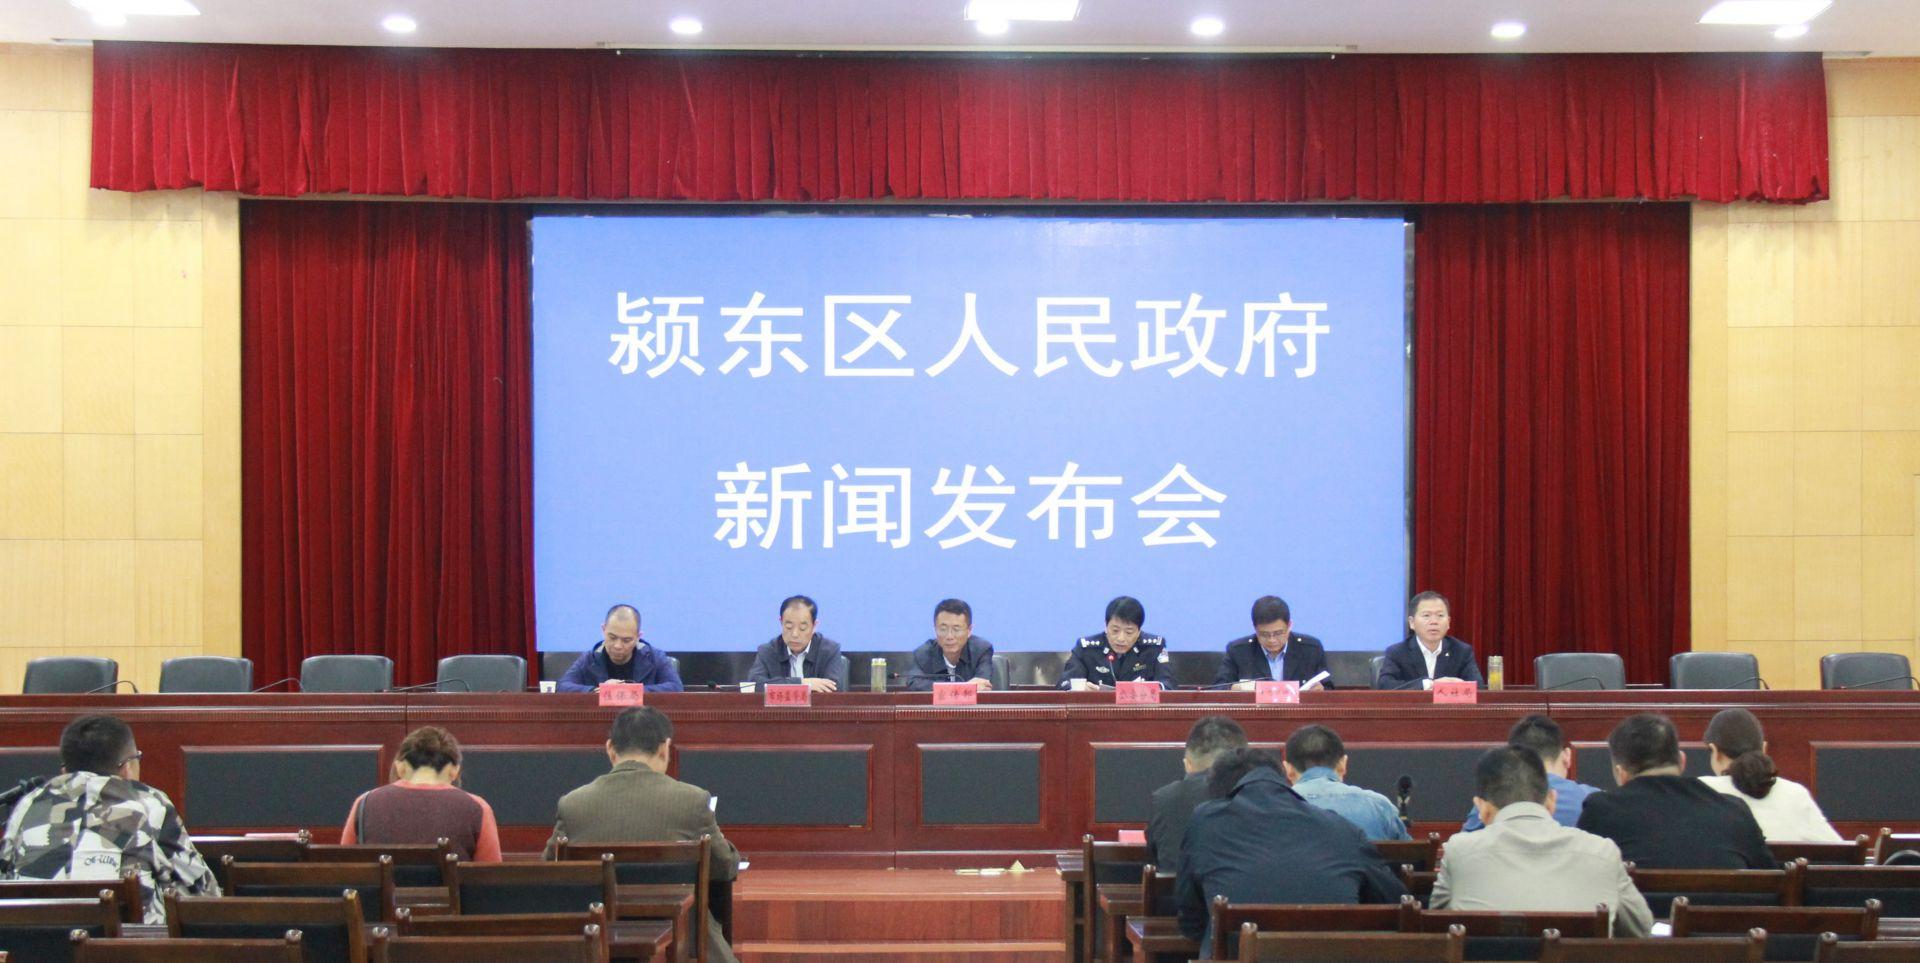 潁東區人民政府召開新聞發布會